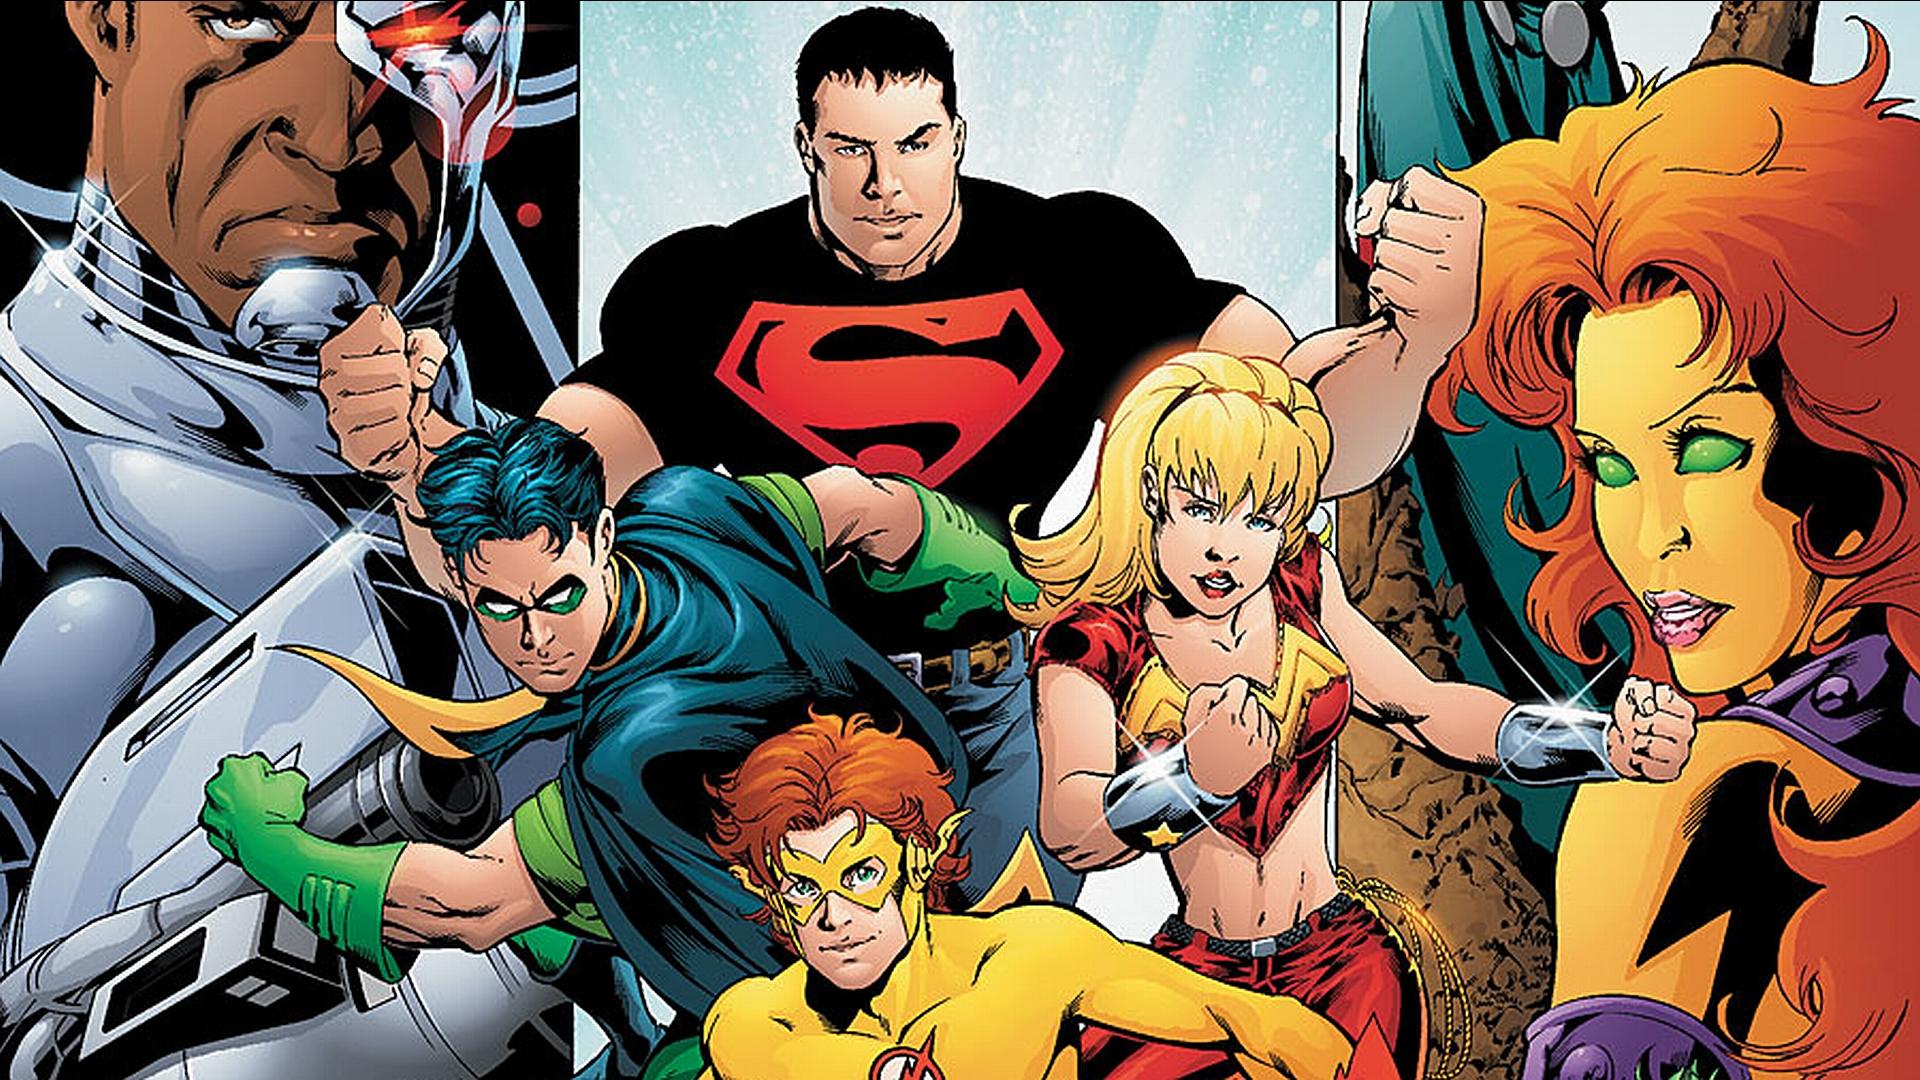 Teen Titans - Wikipedia